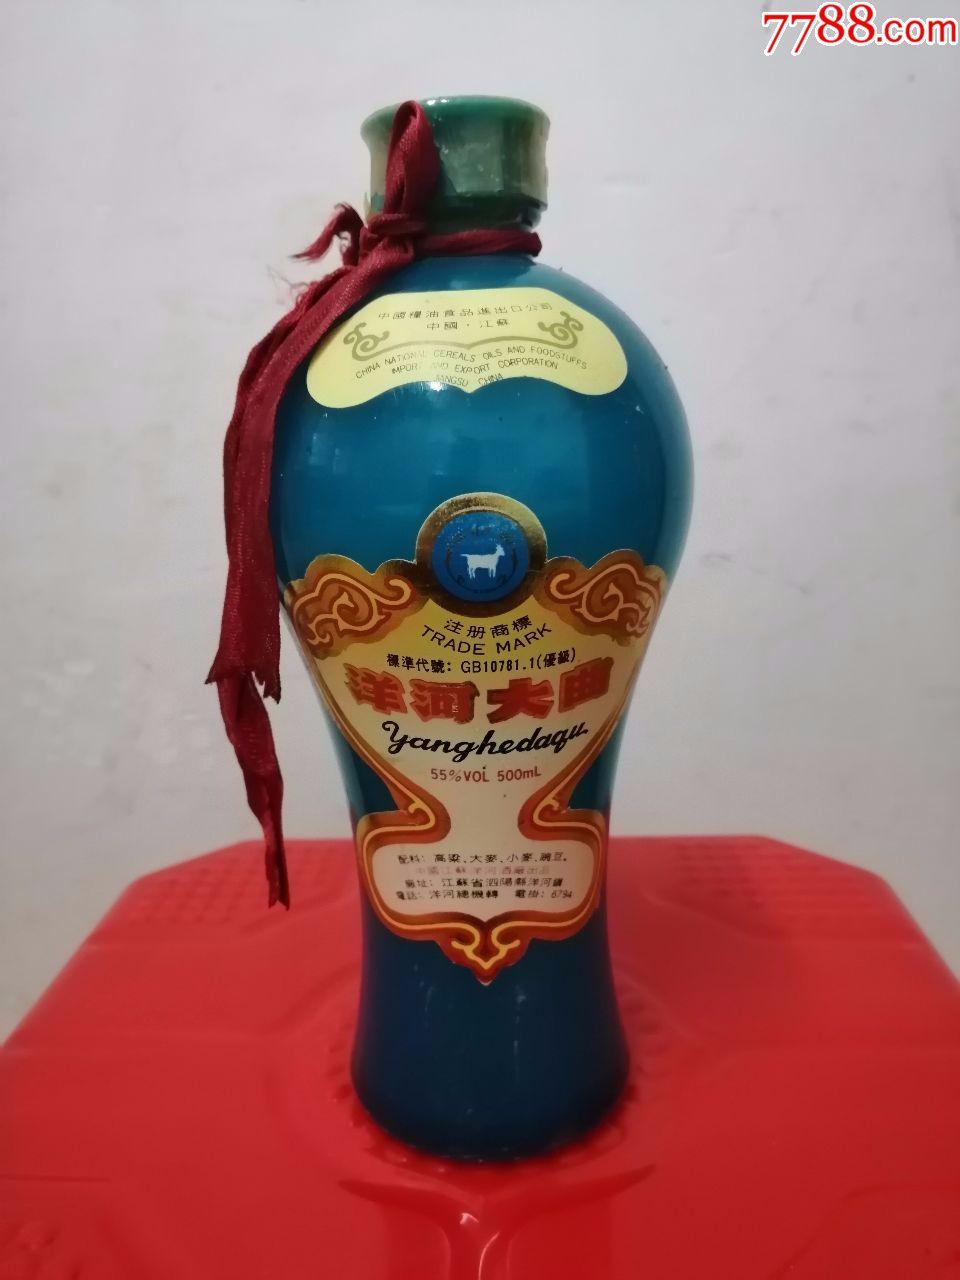 80年代洋河酒瓶,酒标收藏品,(au19758877)_